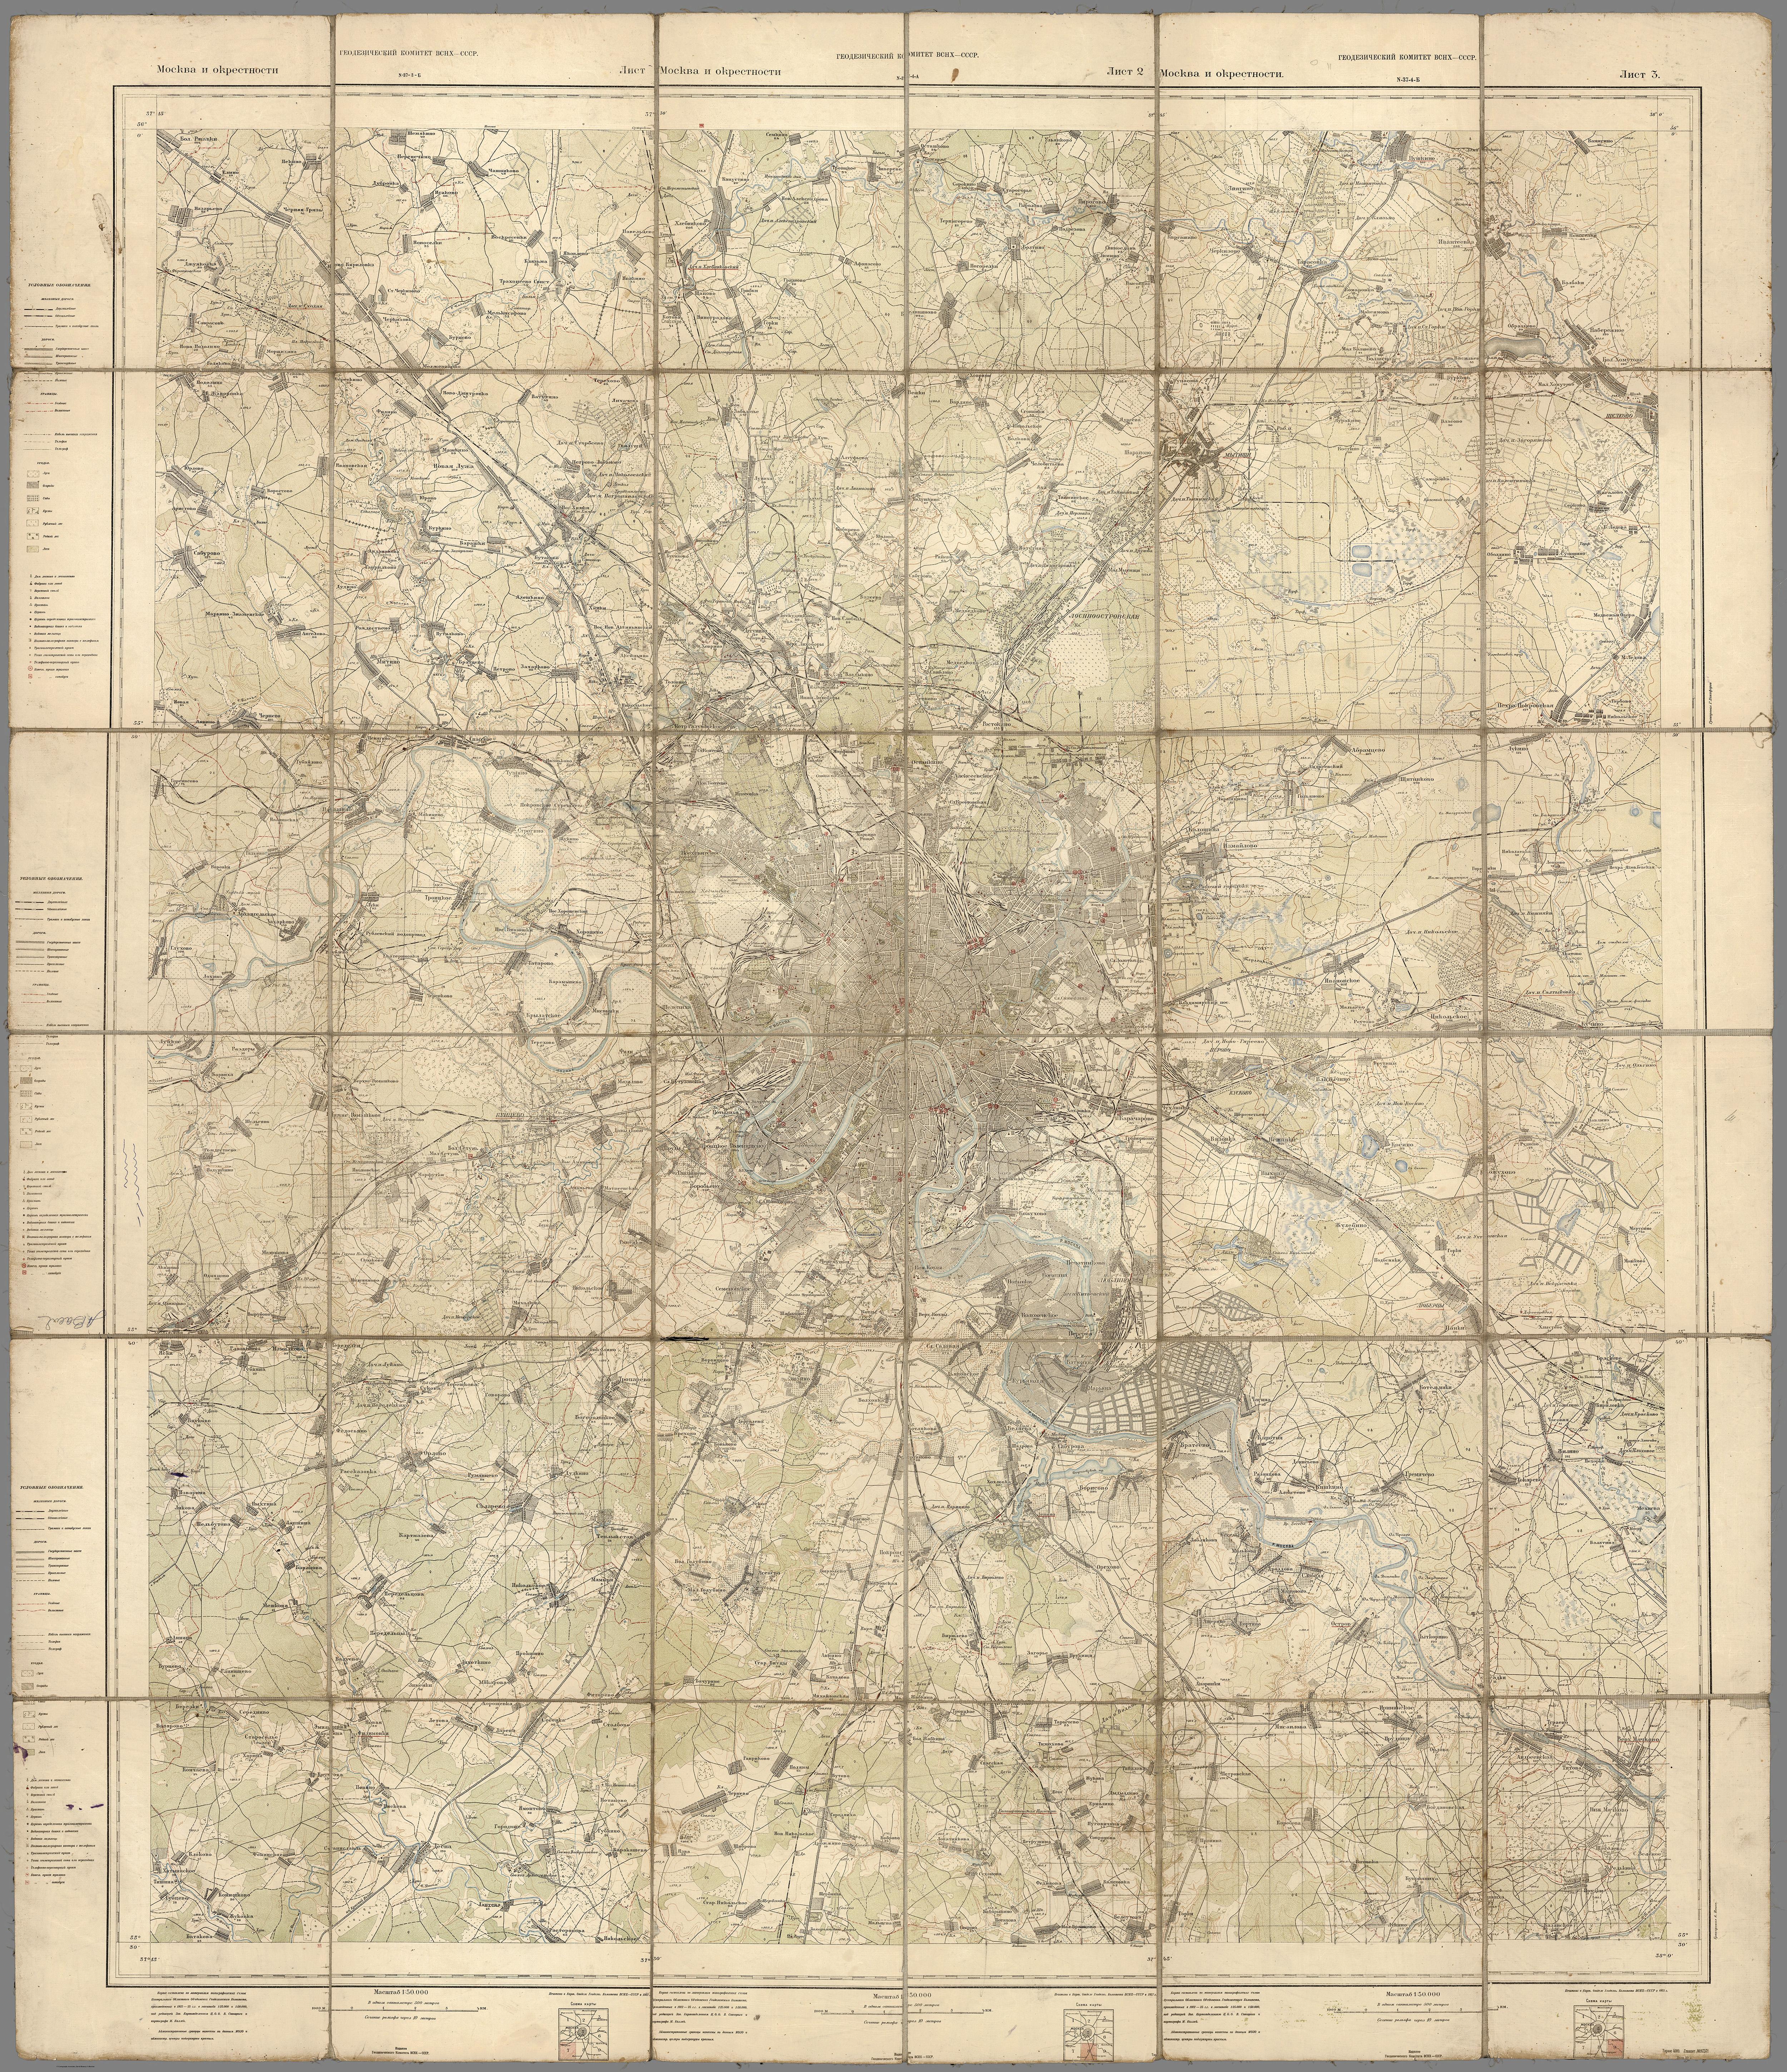 Карта Москвы 1927 года в огромном разрешении